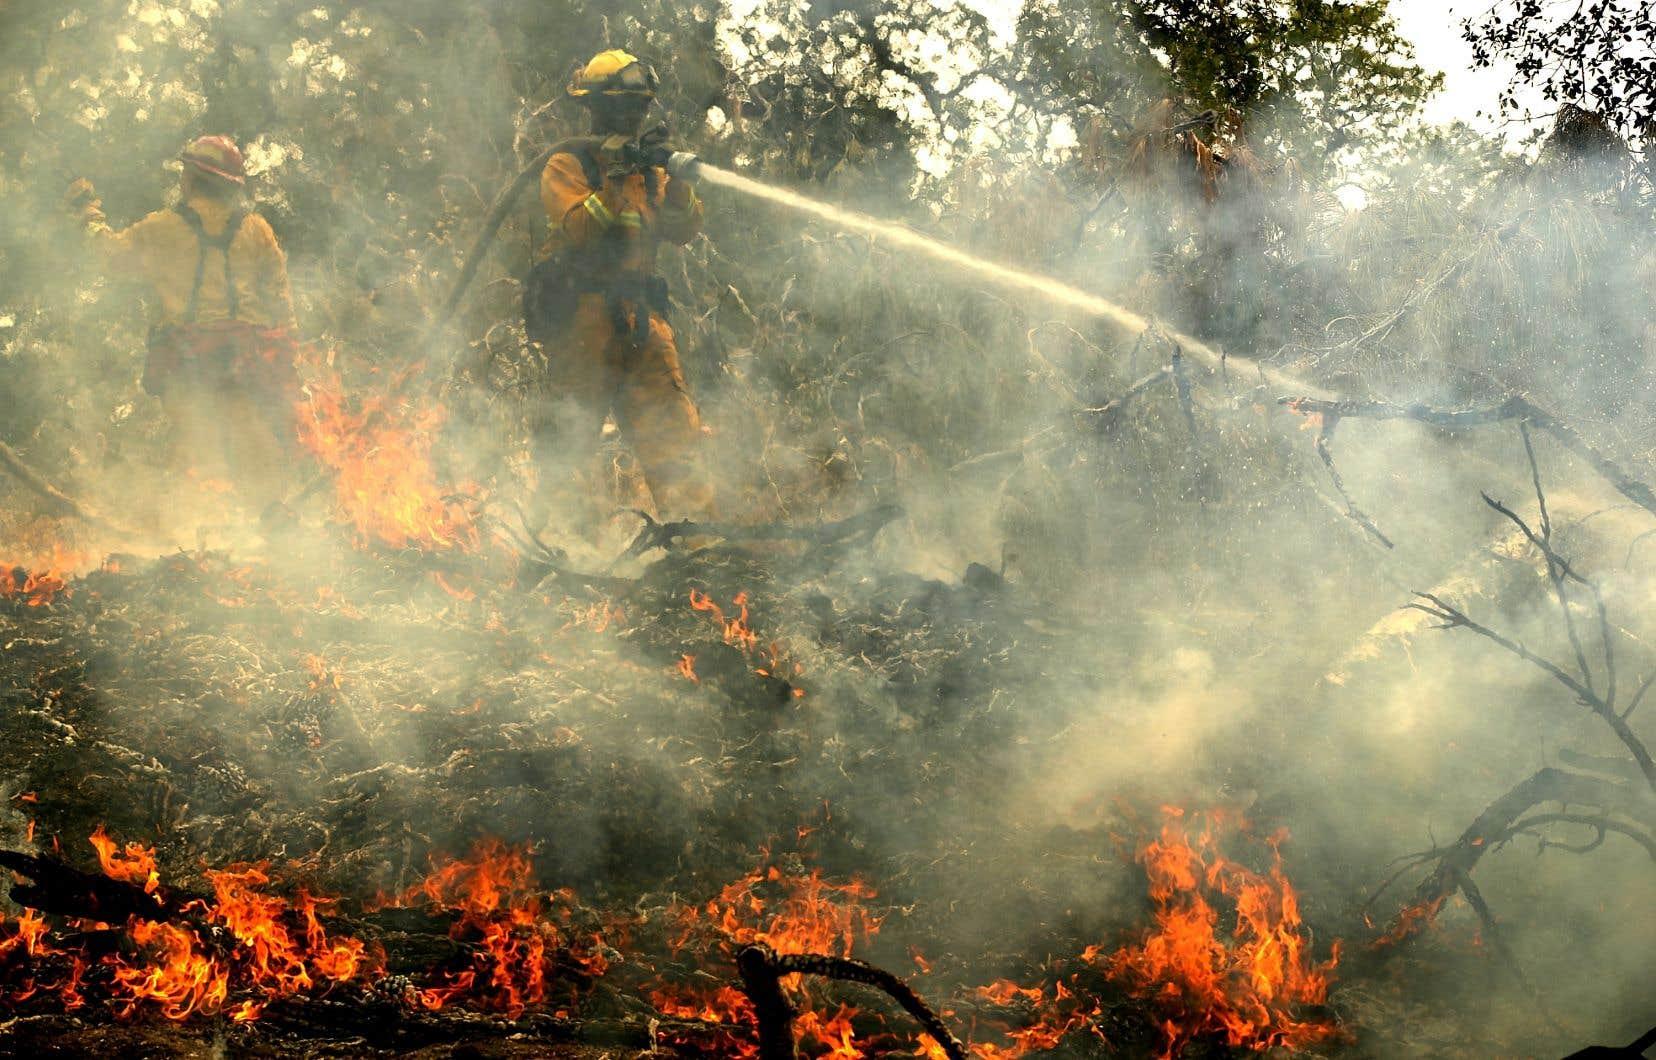 Dimanche soir, l'incendie Carr n'était circonscrit qu'à 17% et s'étendait sur plus de 38 600 hectares, selon des données officielles.